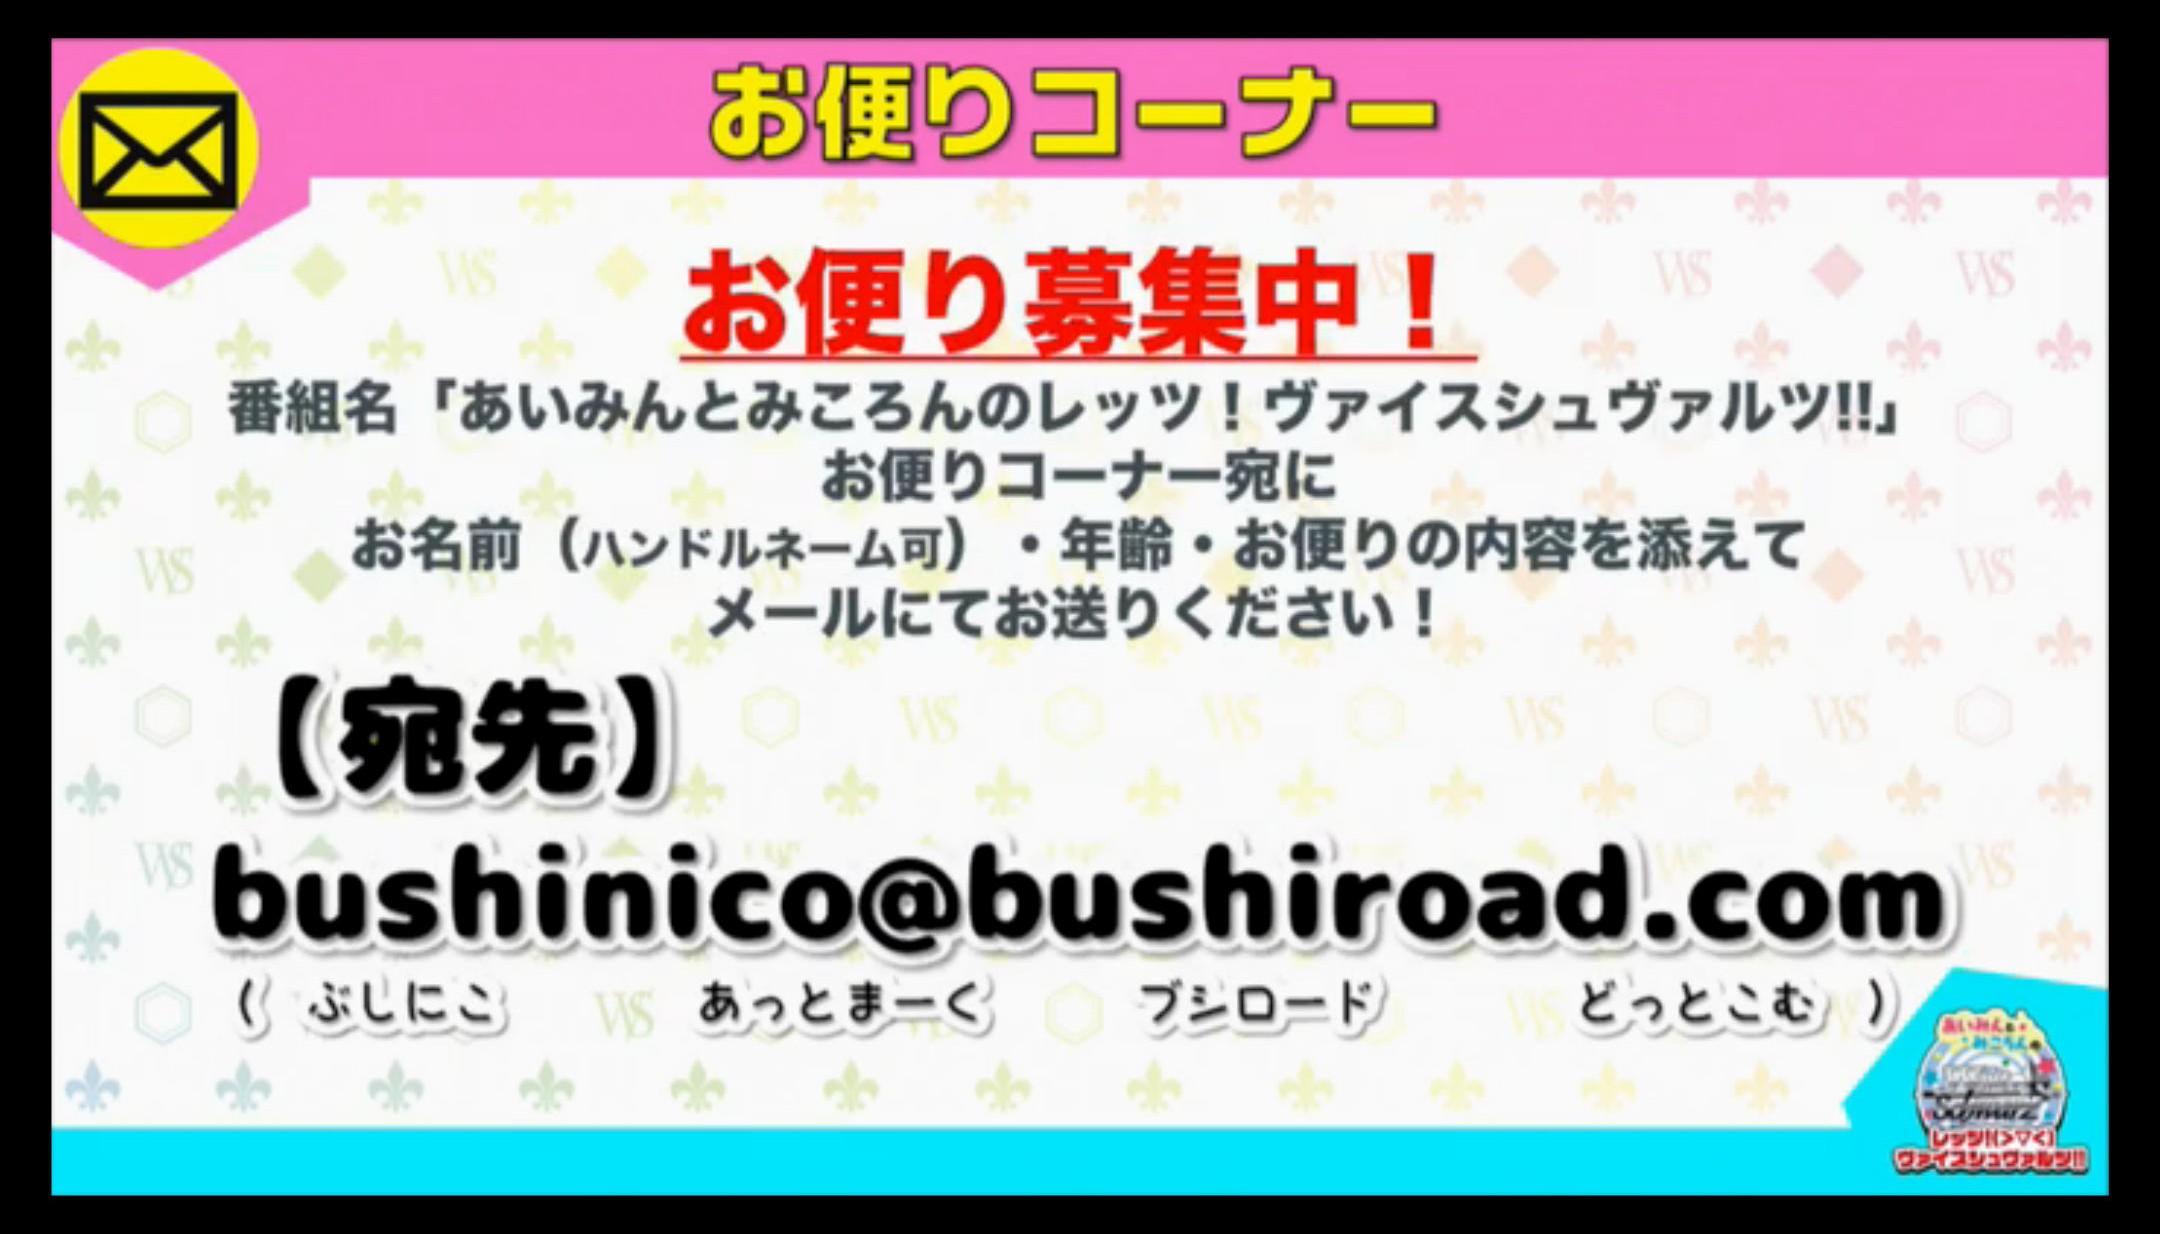 bshi-live-170707-001.jpg